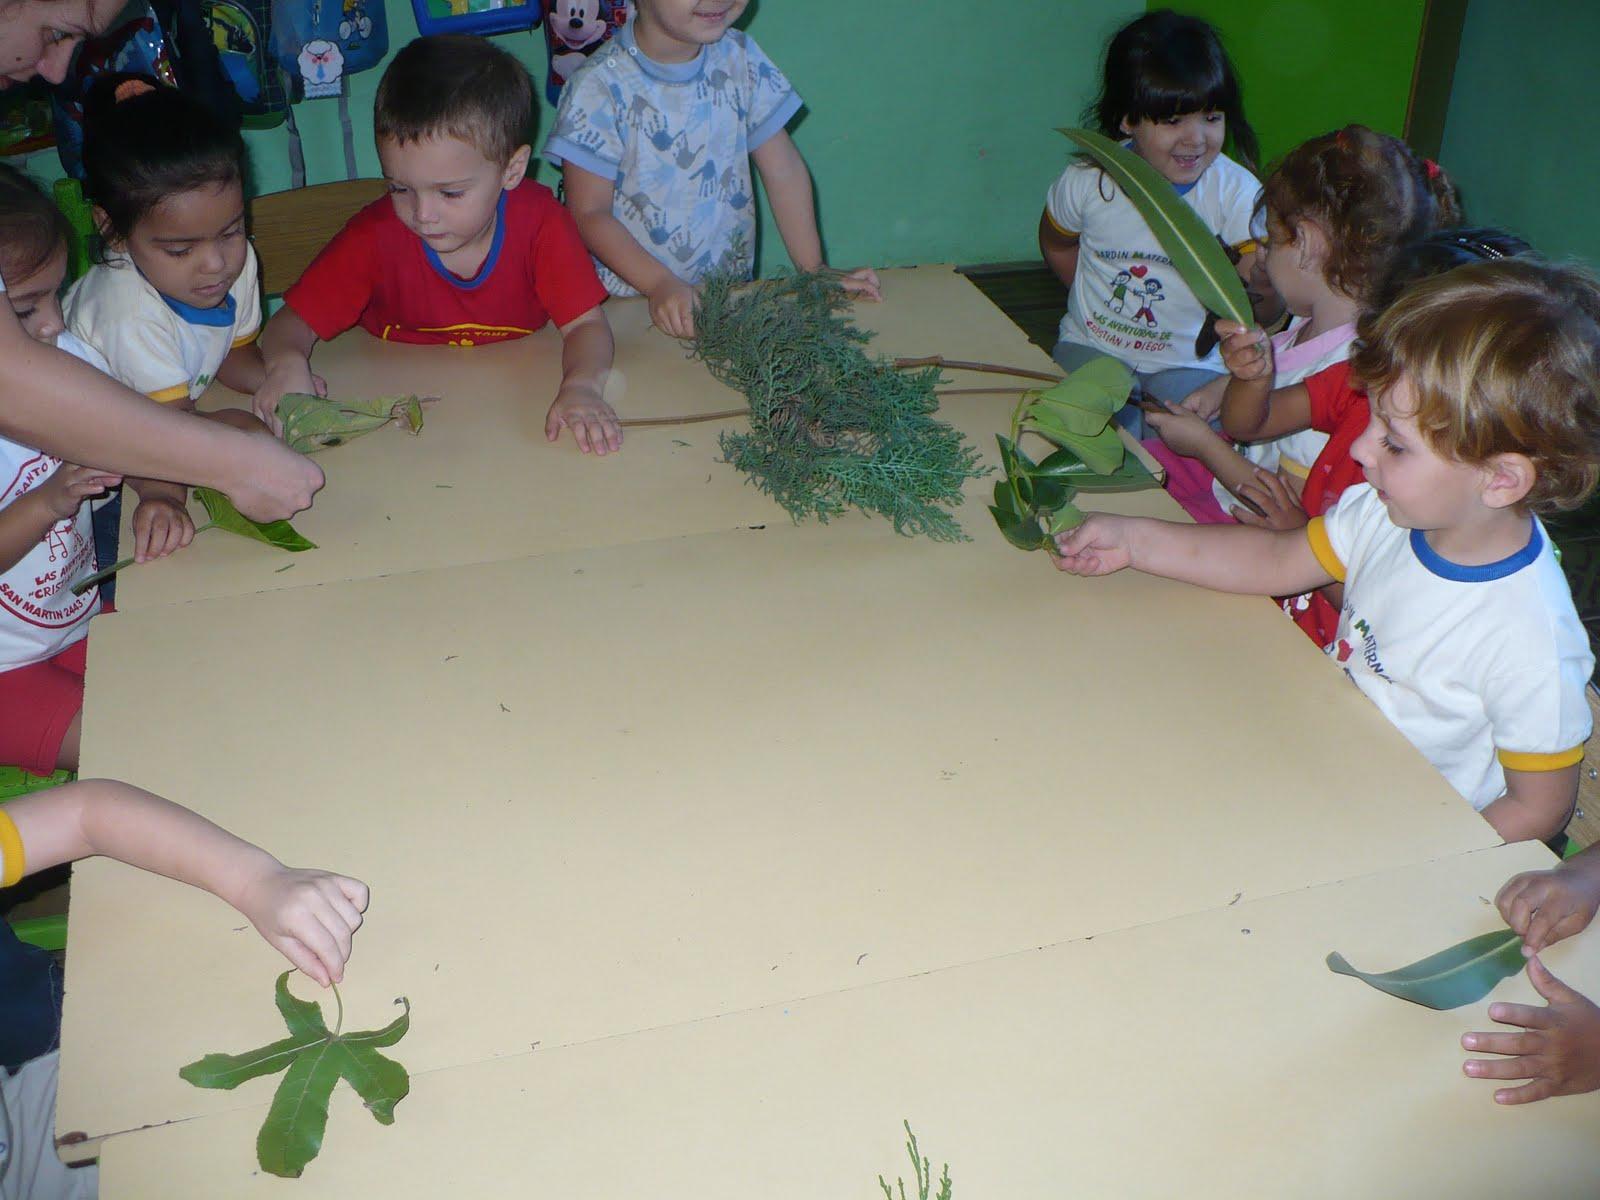 Jard n maternal las aventuras de cristian y diego marzo 2010 for Actividades para jardin